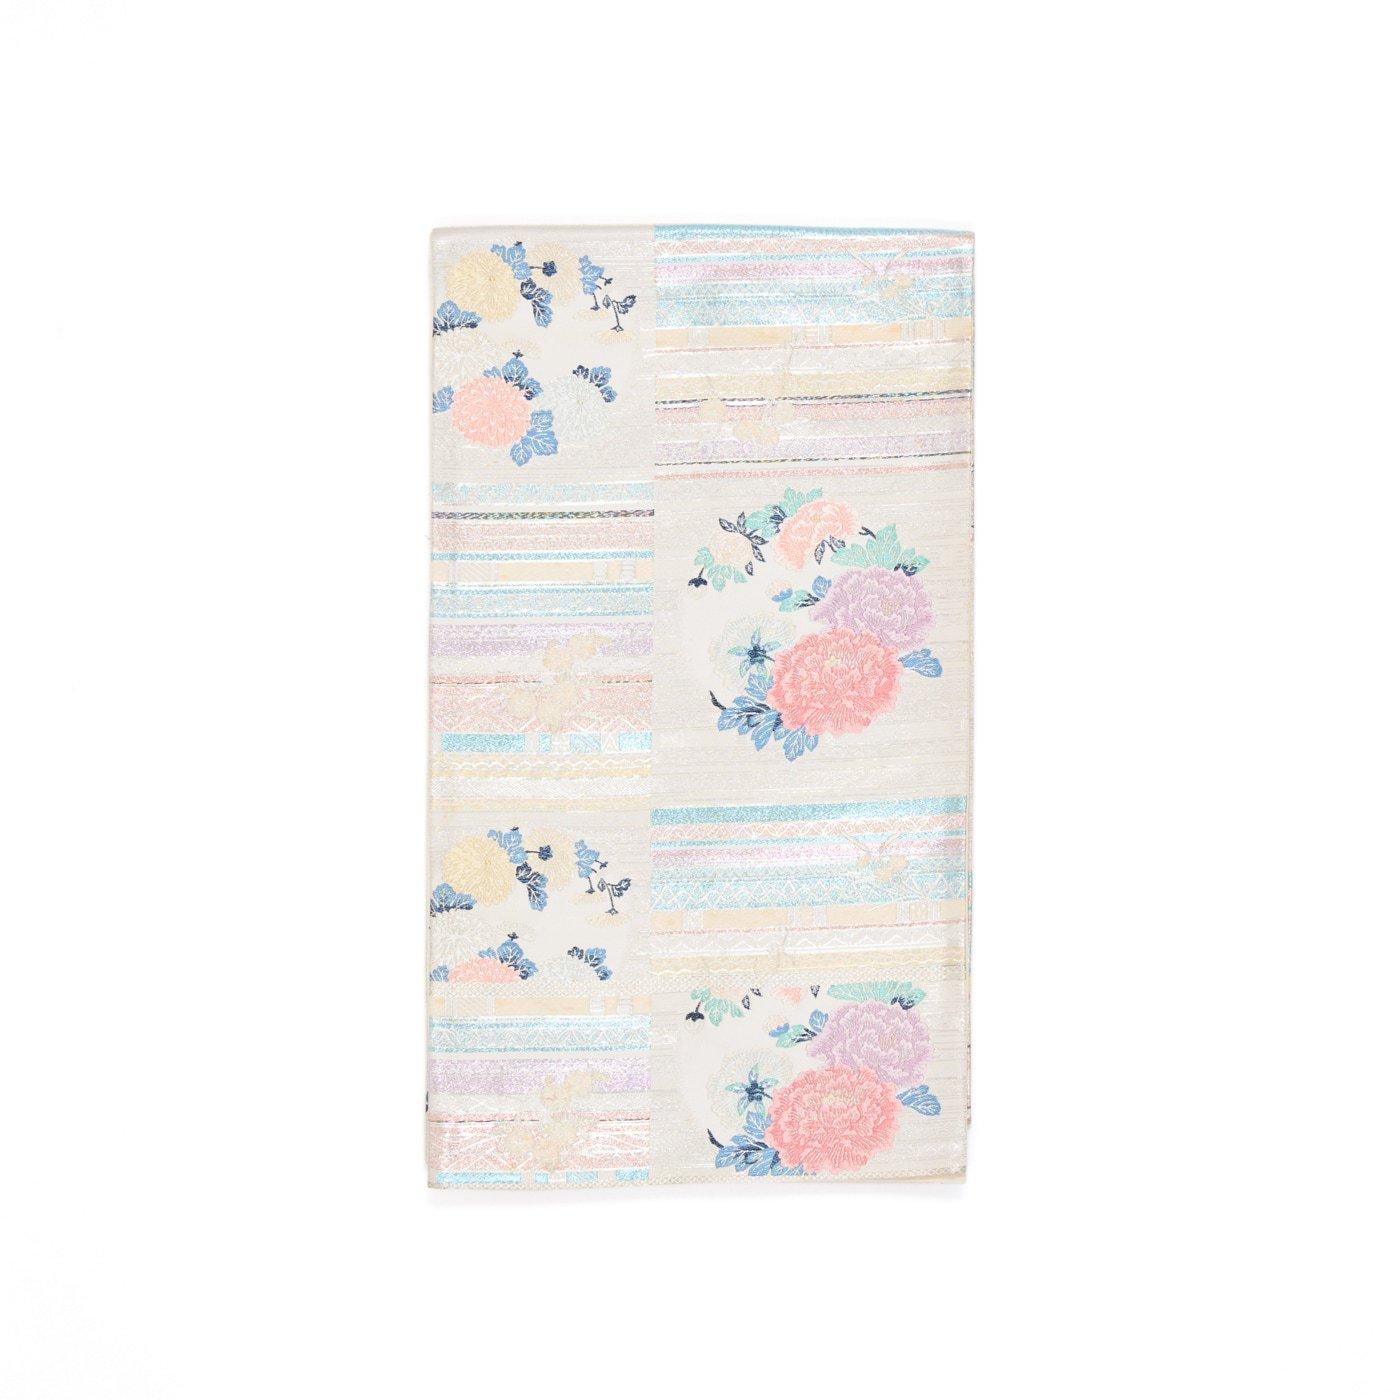 「袋帯●オーロラカラーの横段と菊・牡丹」の商品画像